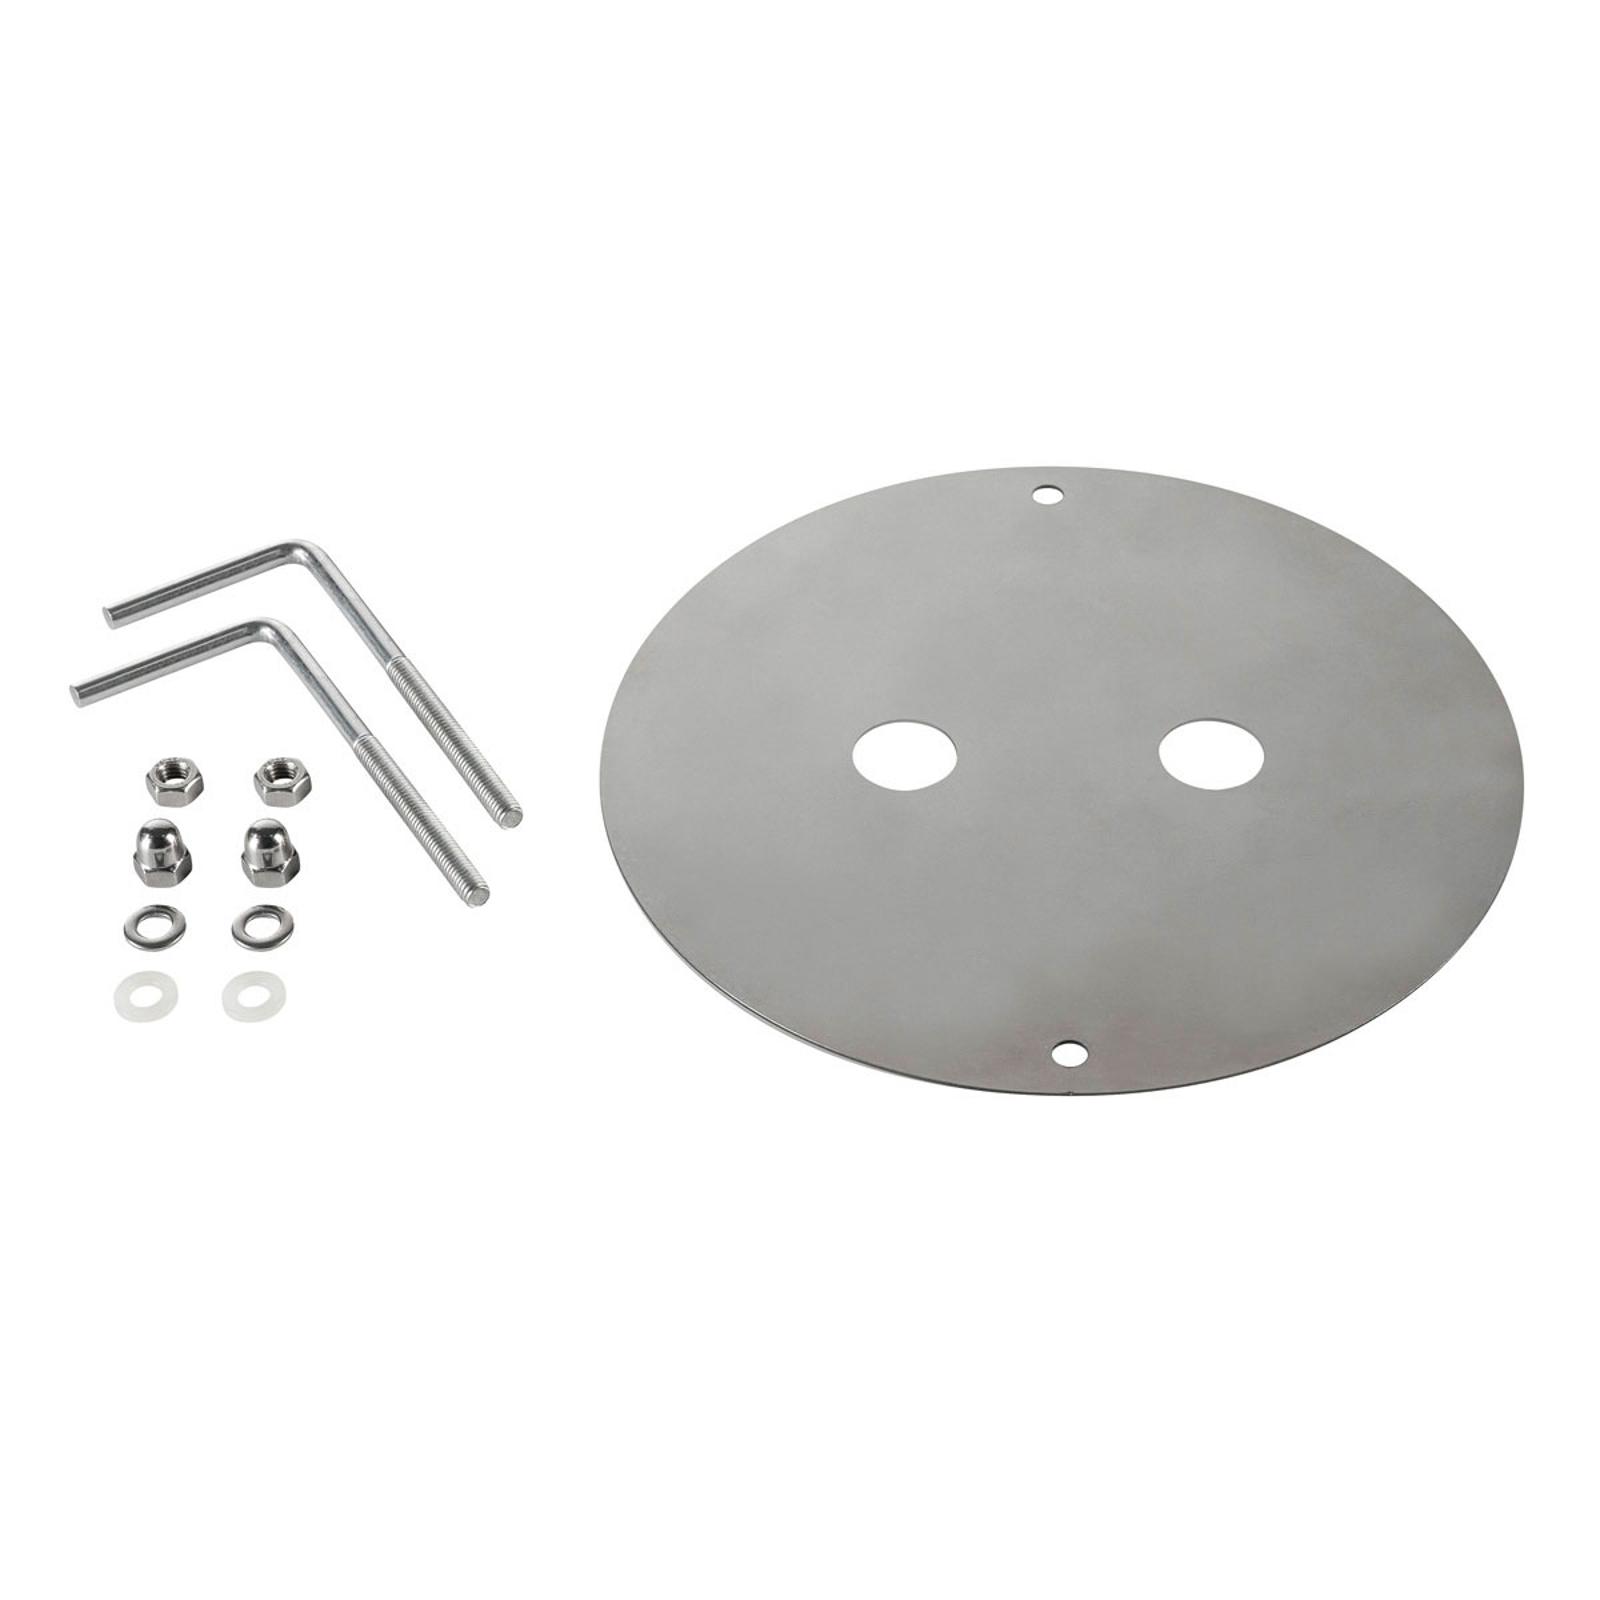 SLV Rox Acryl betonganker til sokkel-/gatelampe